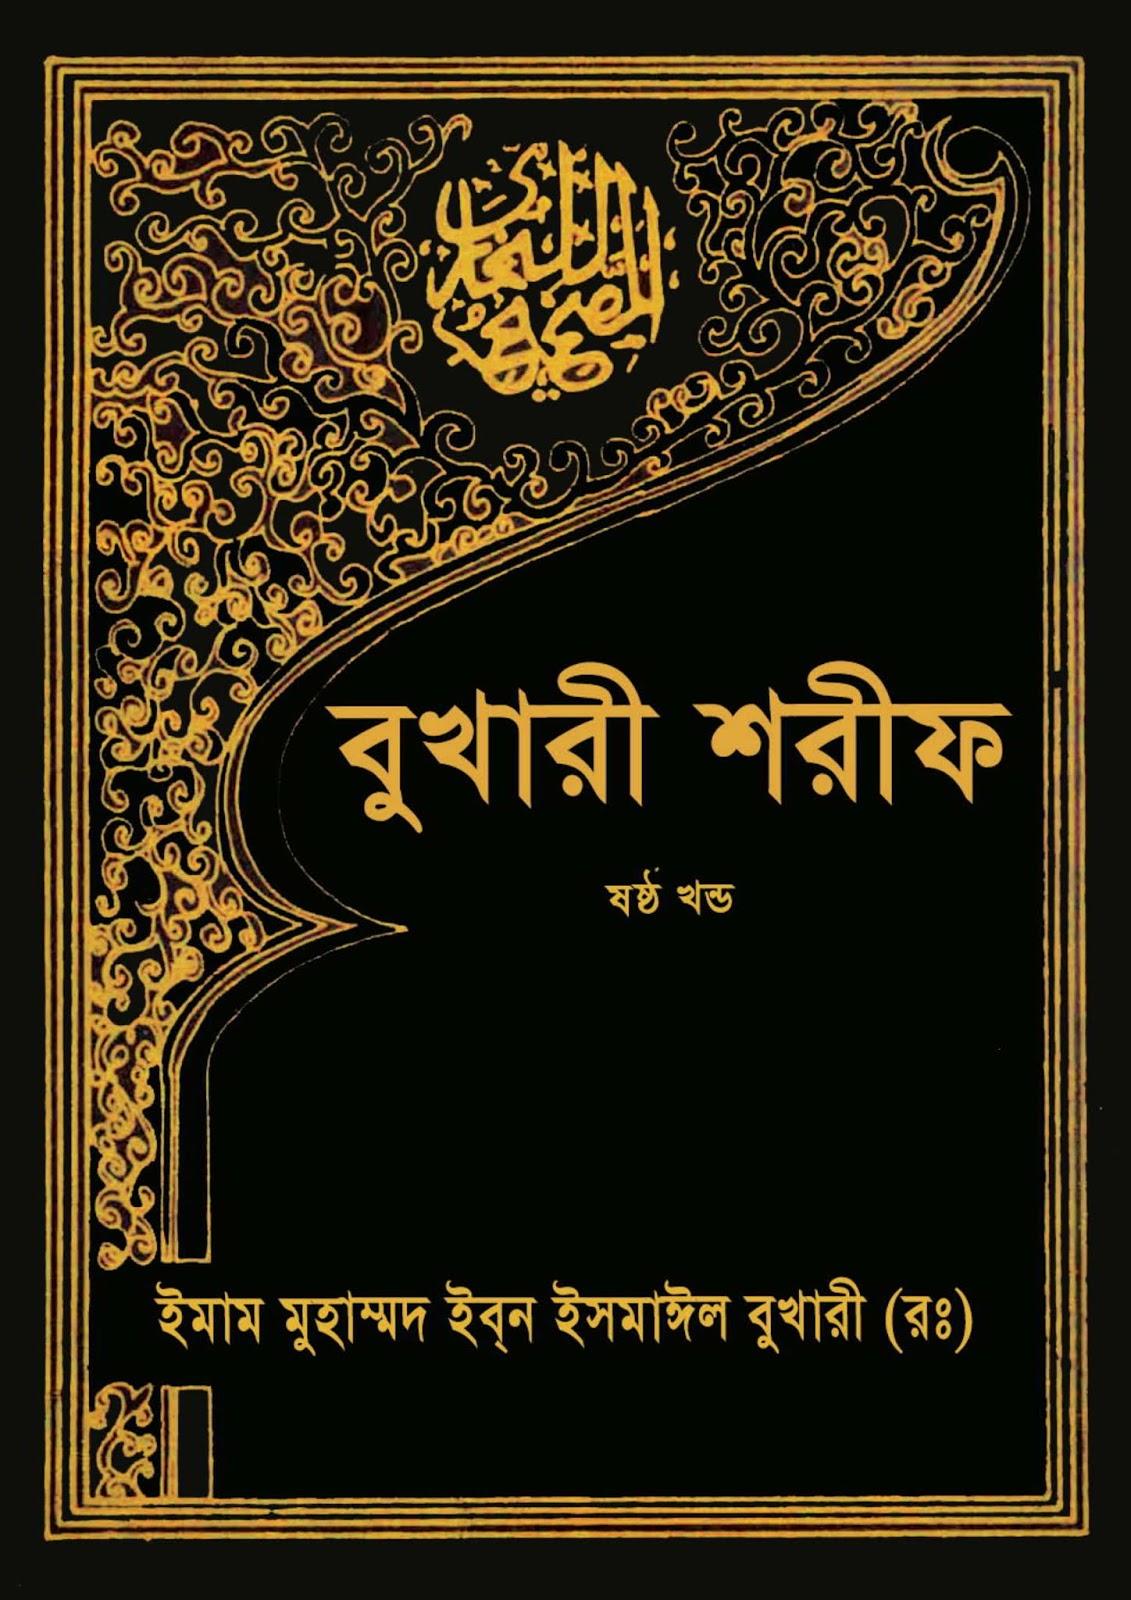 বোখারী শরীফ ষষ্ঠ খন্ড pdf | বোখারী শরীফ ফ্রিতে ডাউনলোড করুন | bangla hadith | bangla hadis | hadithbd | হাদিস